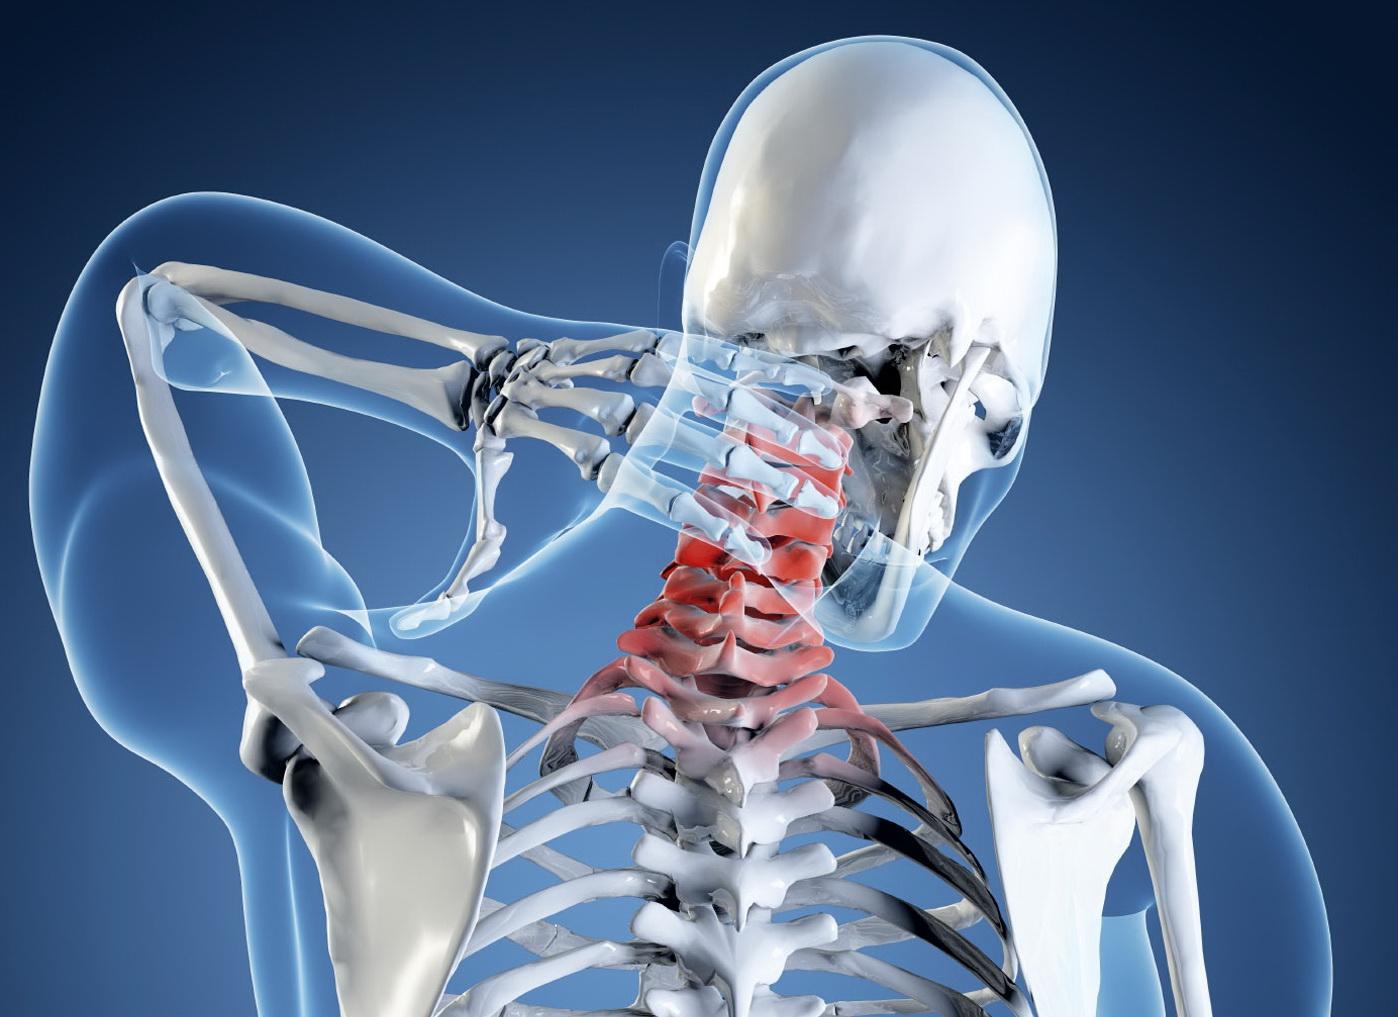 Назначение рентгенографии шейного отдела позвоночника и процедура обследования